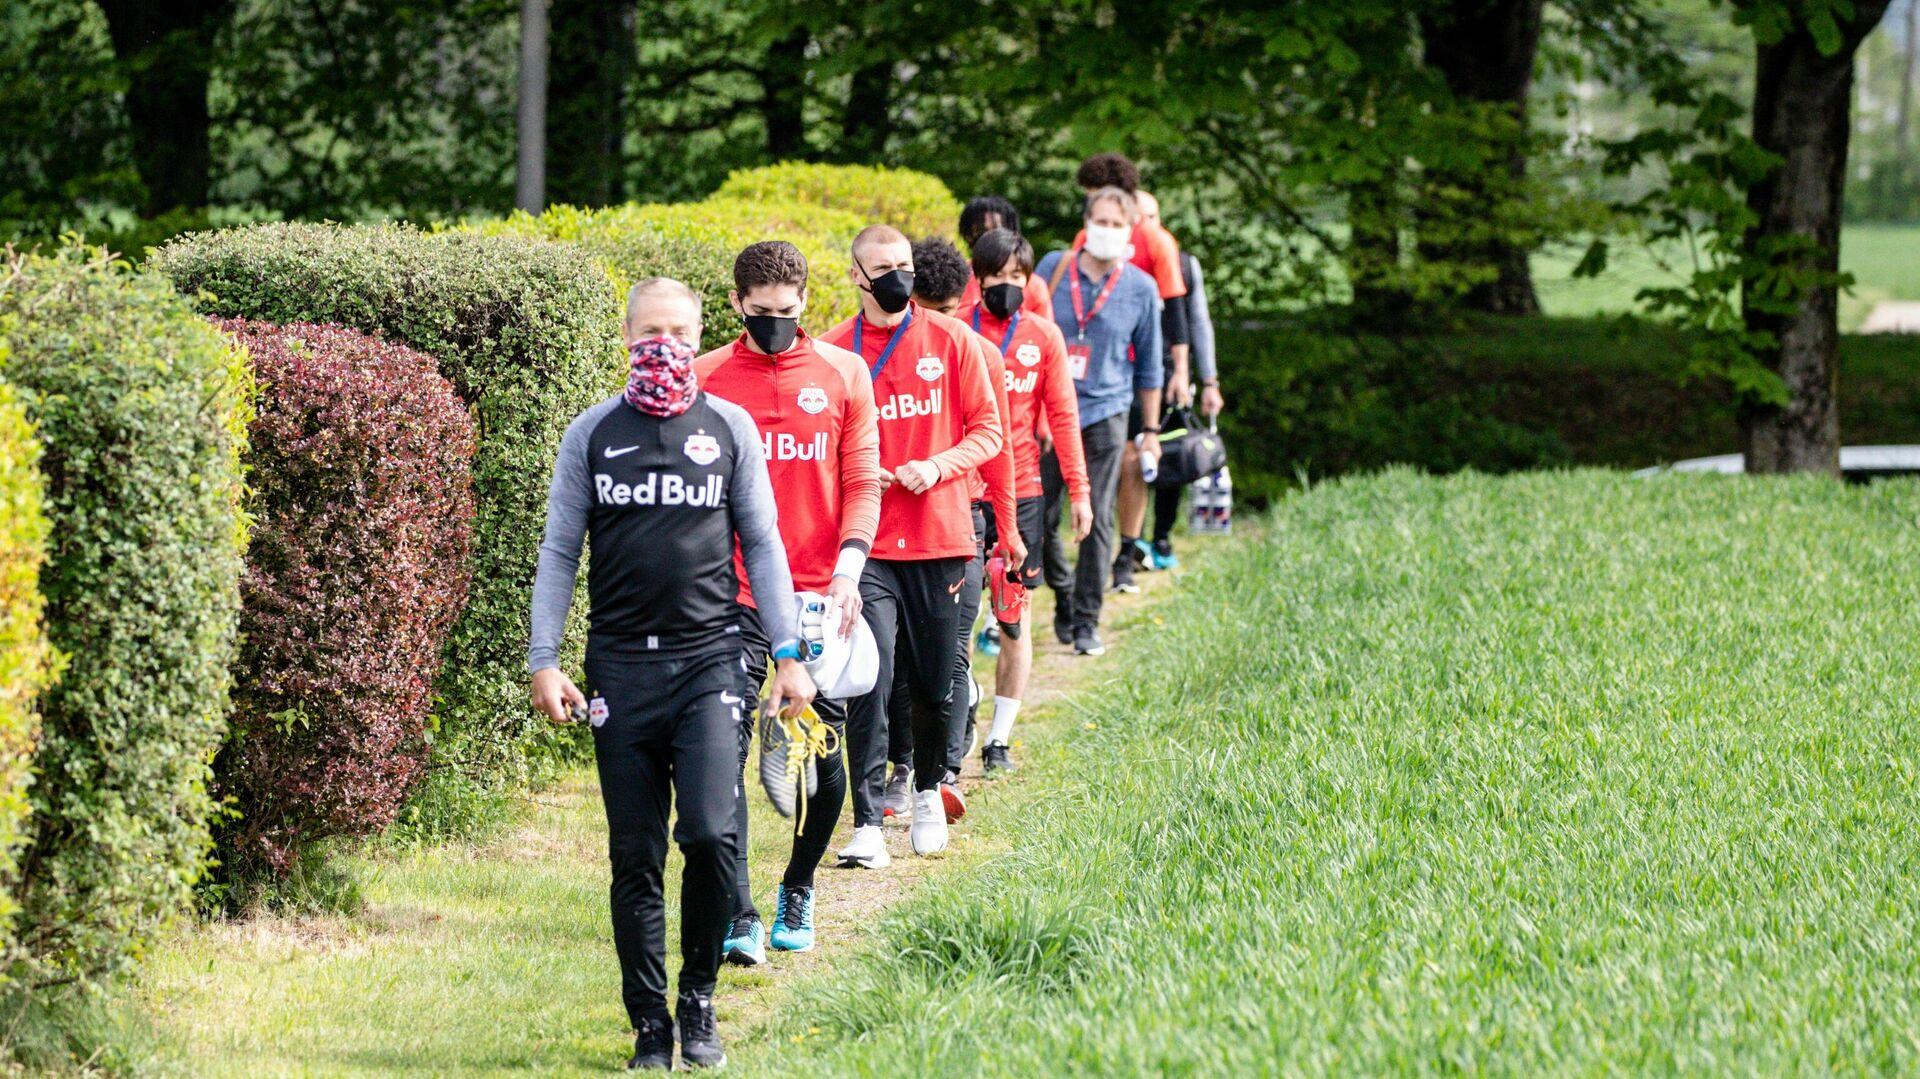 Футболисты Ред Булл Зальцбург выходят на тренировку в защитных масках во время пандемии коронавируса - РИА Новости, 1920, 05.10.2020